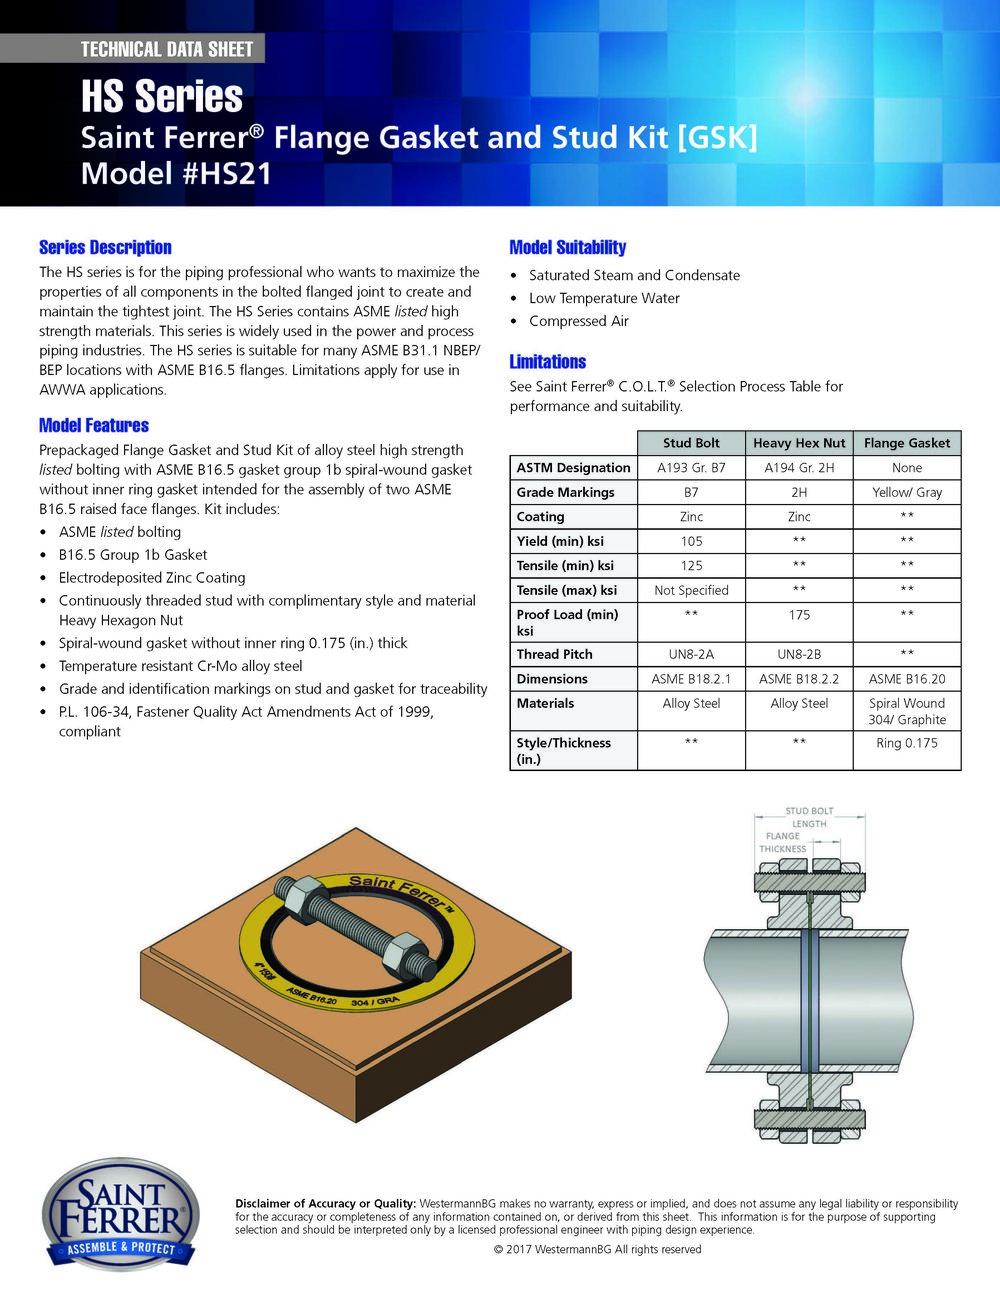 SF_Data_Sheet_HS_Series_HS21.jpg